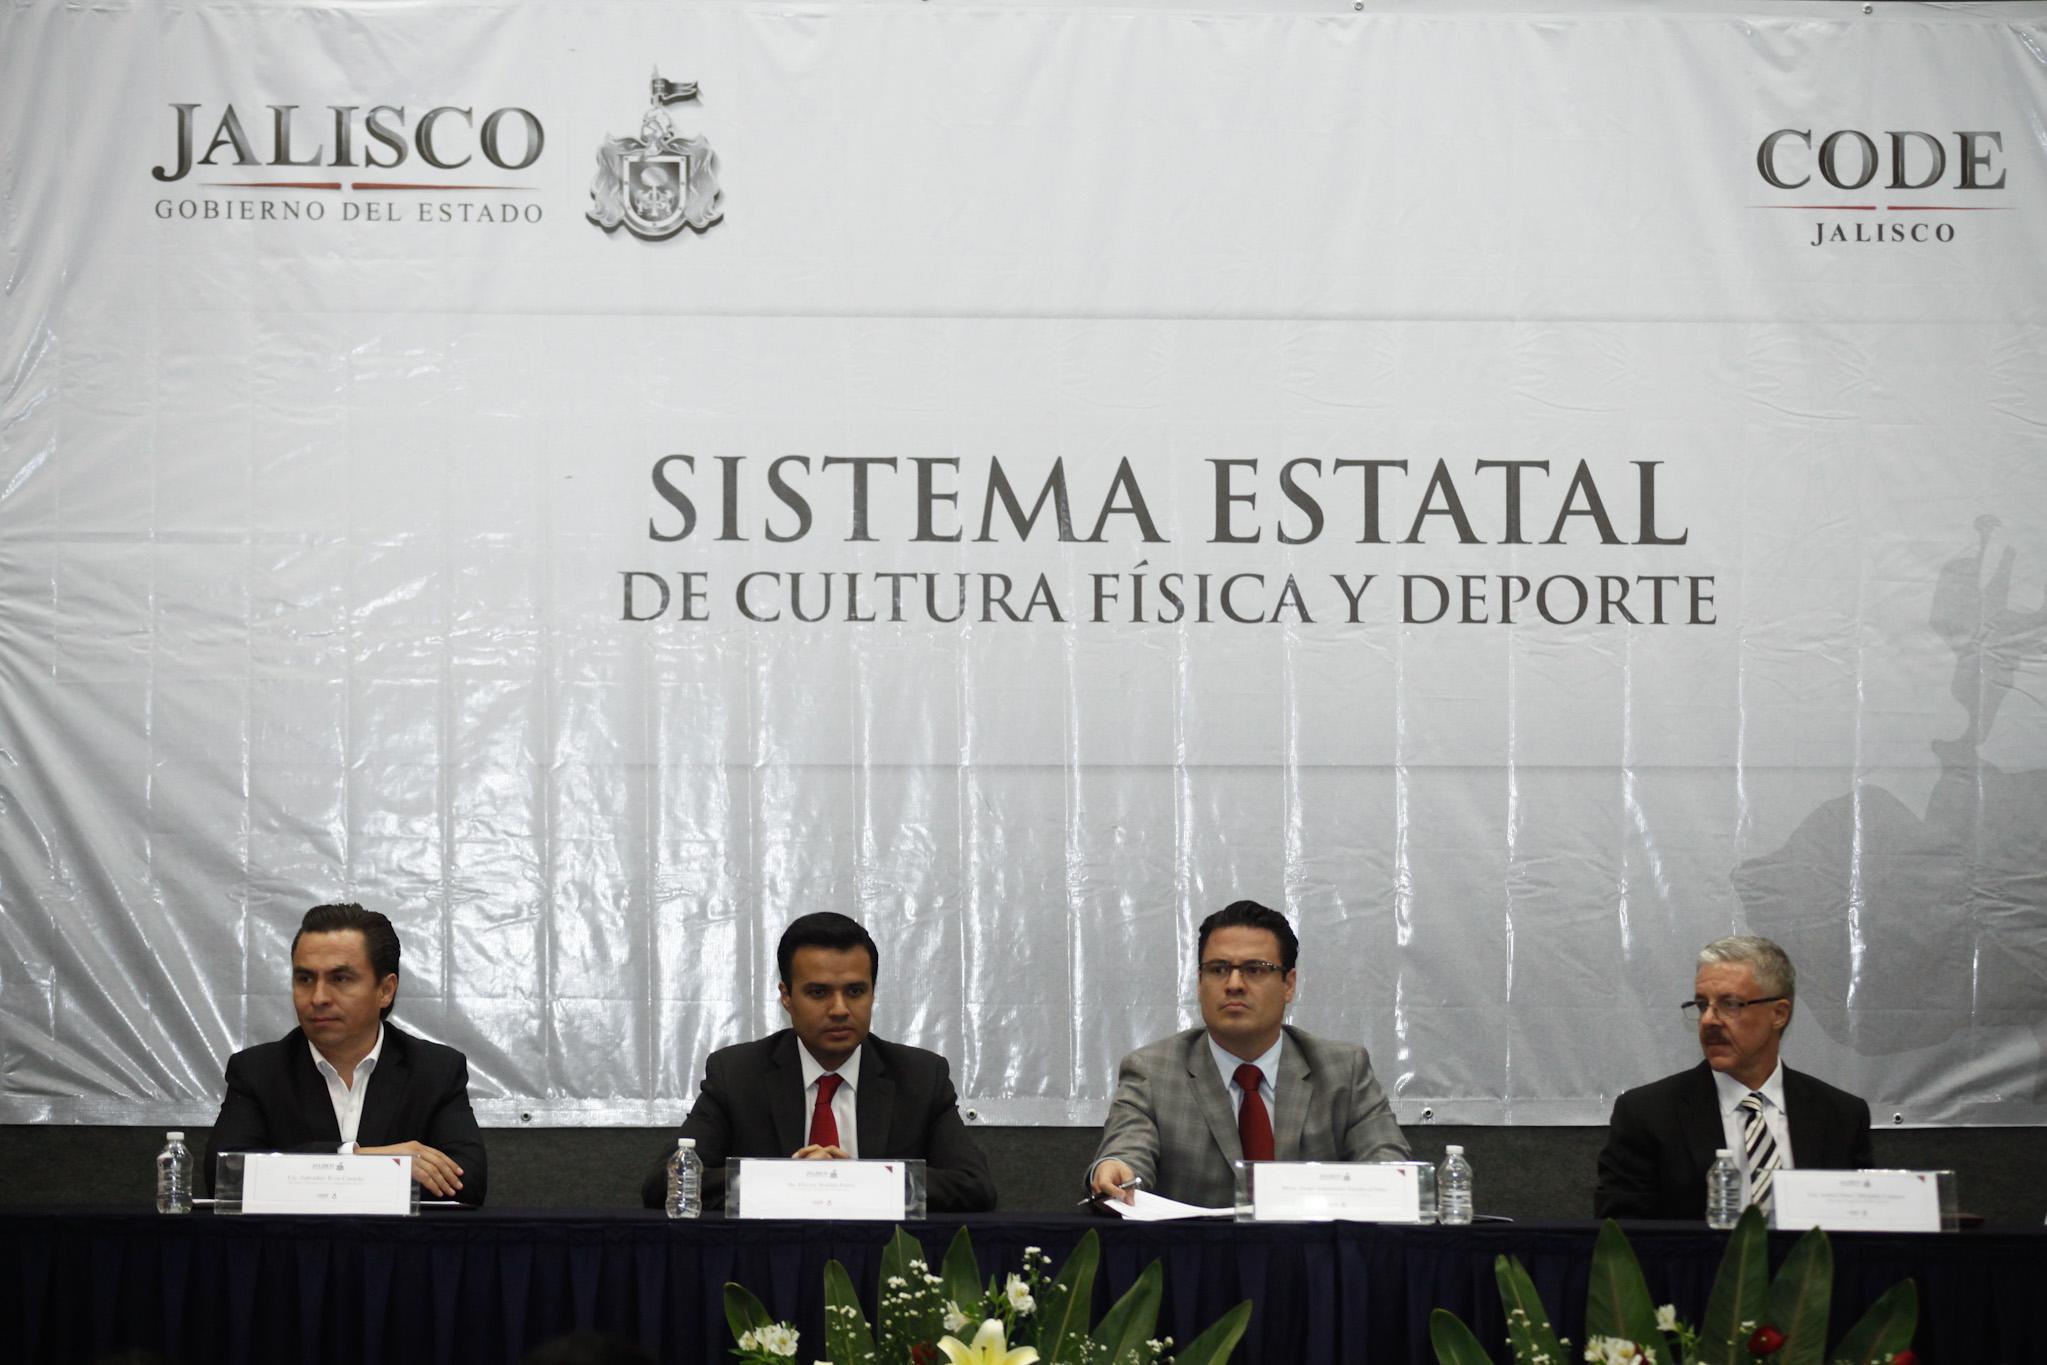 El deporte tendrá una política integral, afirma el Gobernador